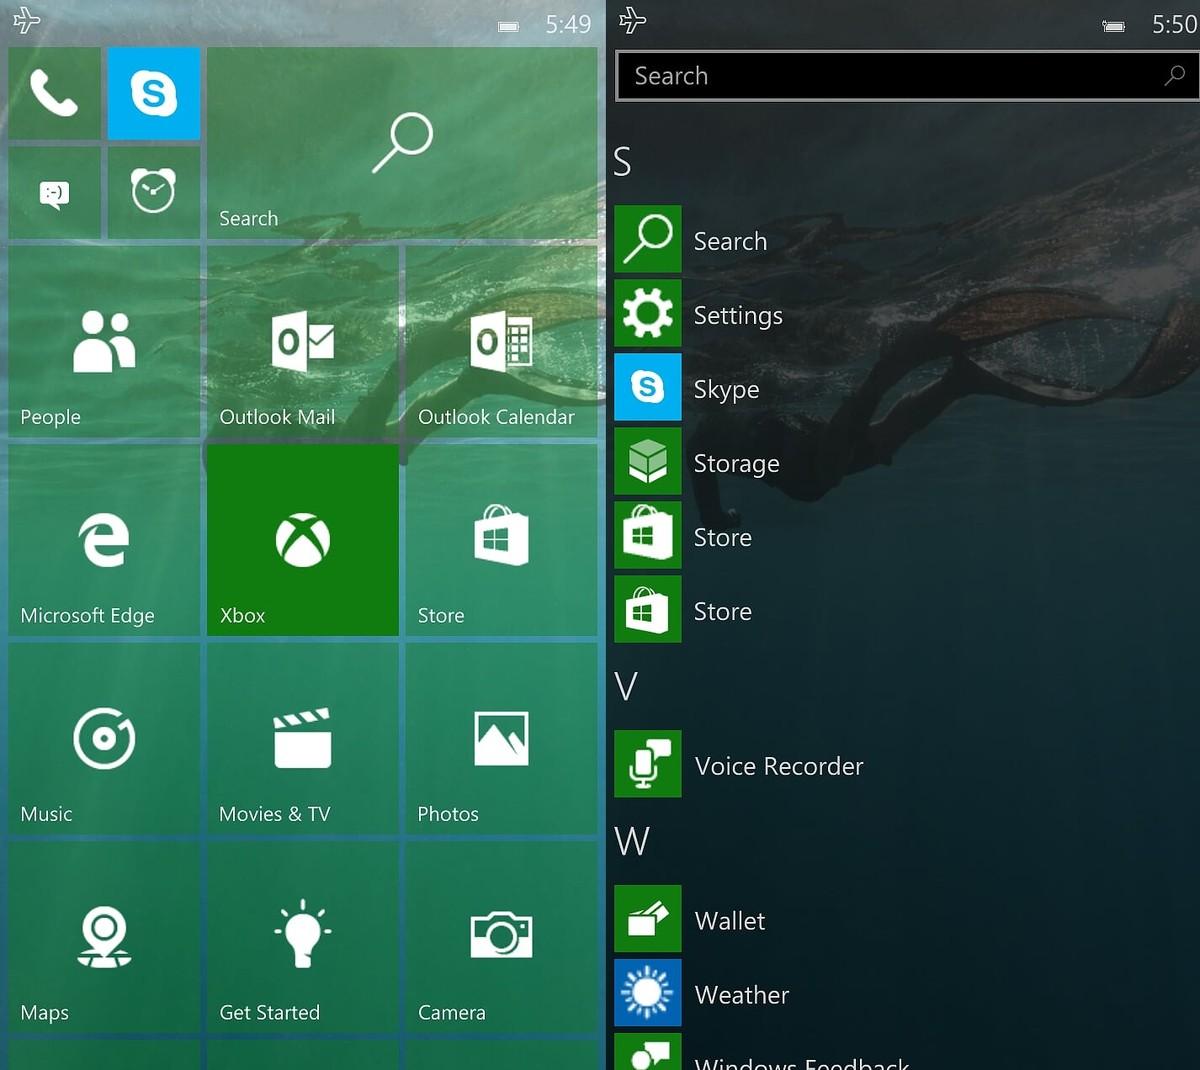 Ky është ndërtimi 10158 i Windows 10-tës për telefonët. Sistemi operativ një hap më afër kompletimit